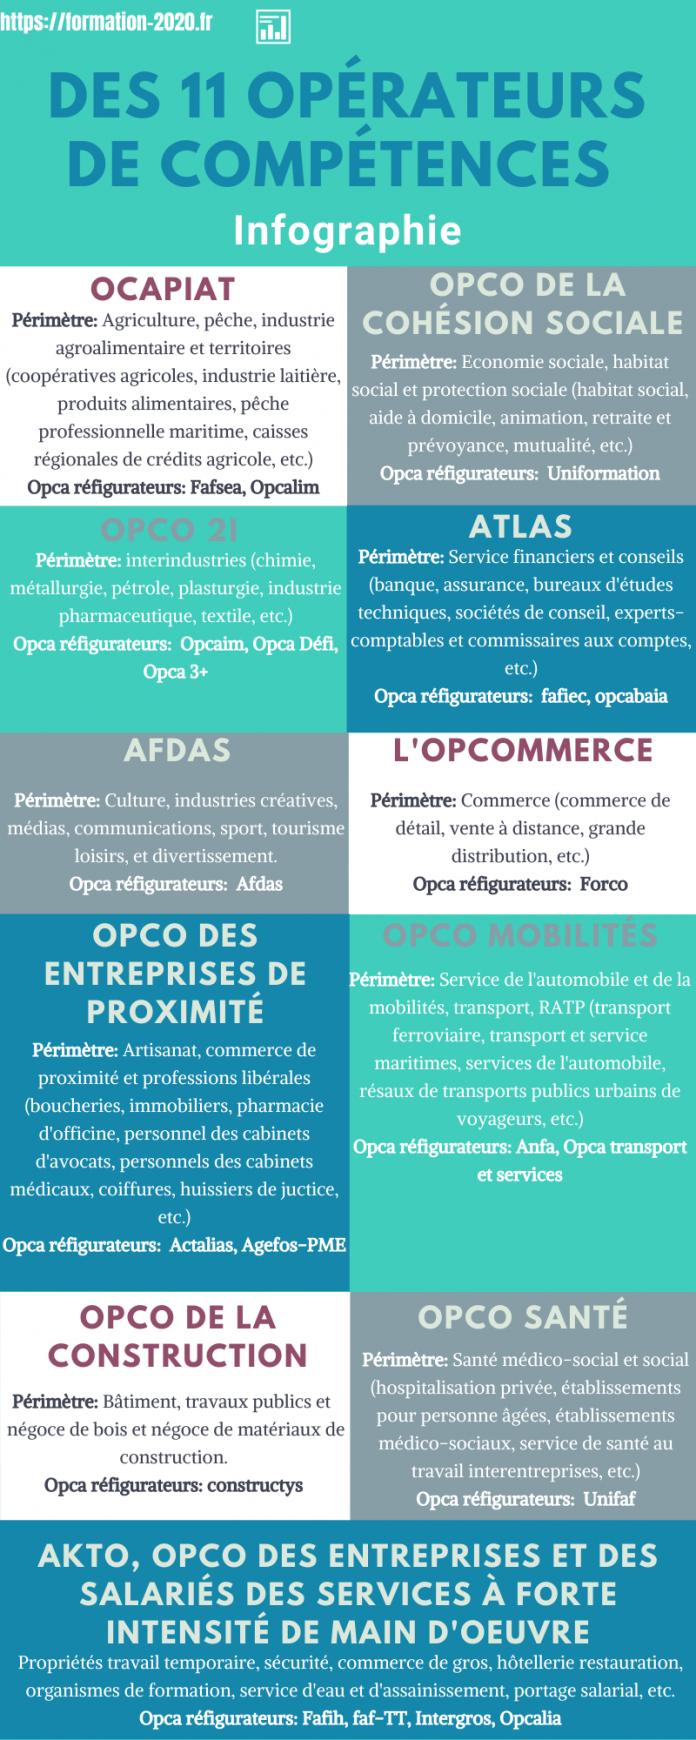 Infographie : OPCO, 11 opérateurs de compétences